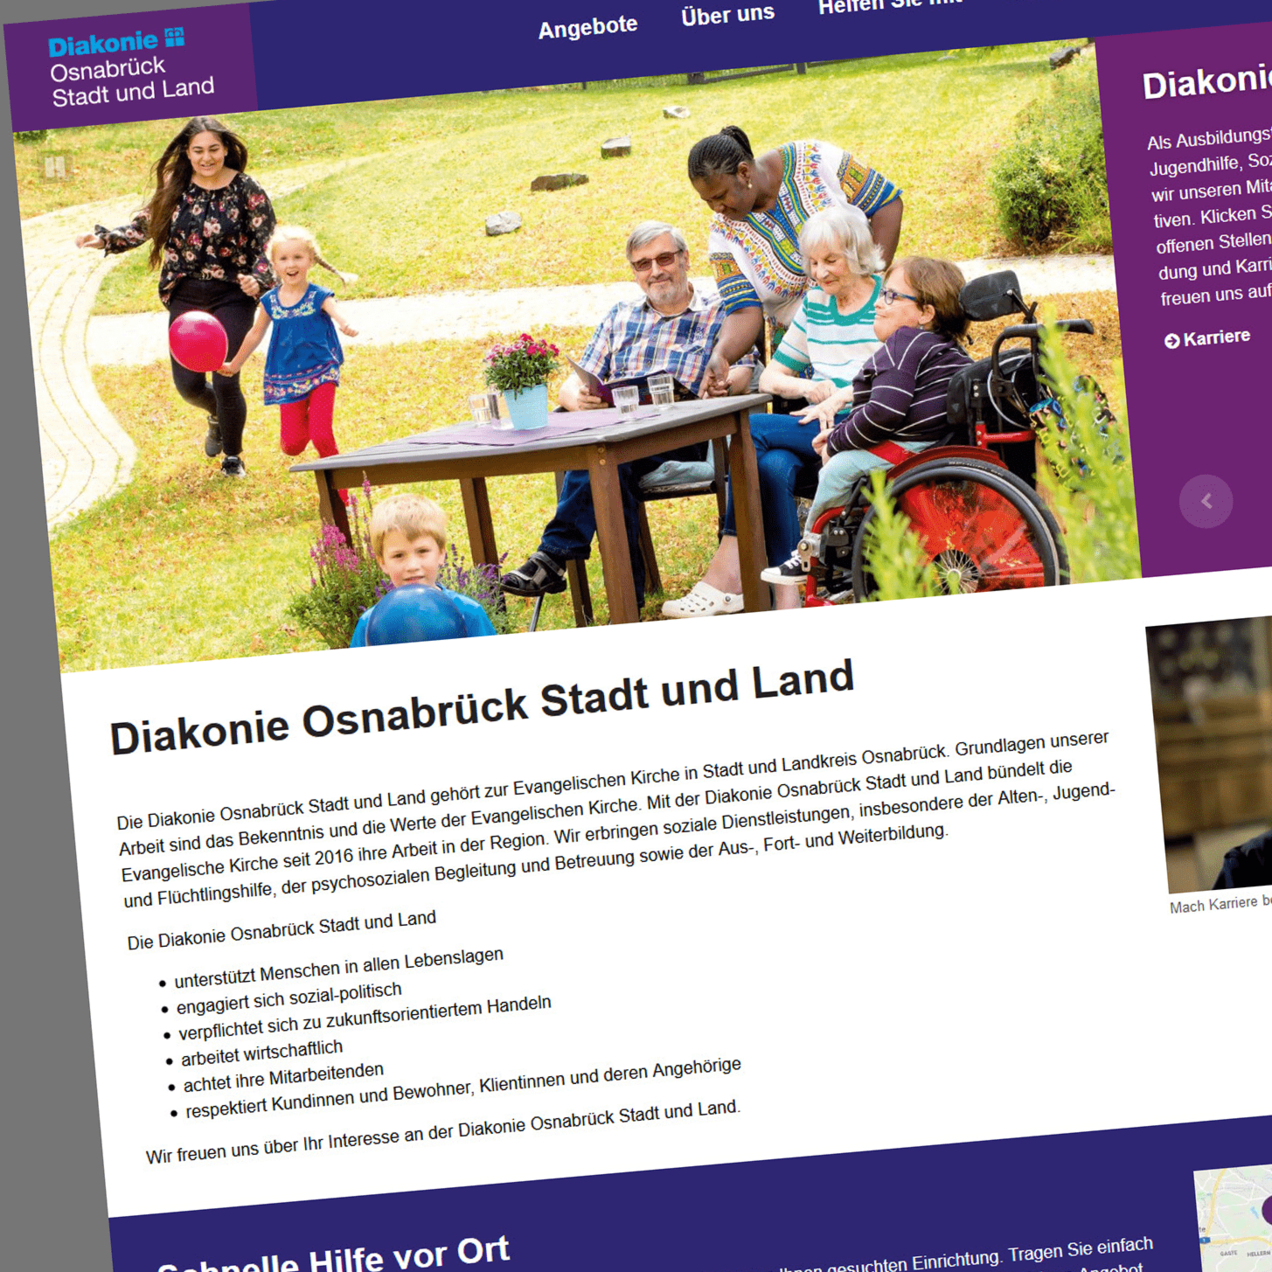 Diakonie Osnabrück Stadt und Land Screenshot